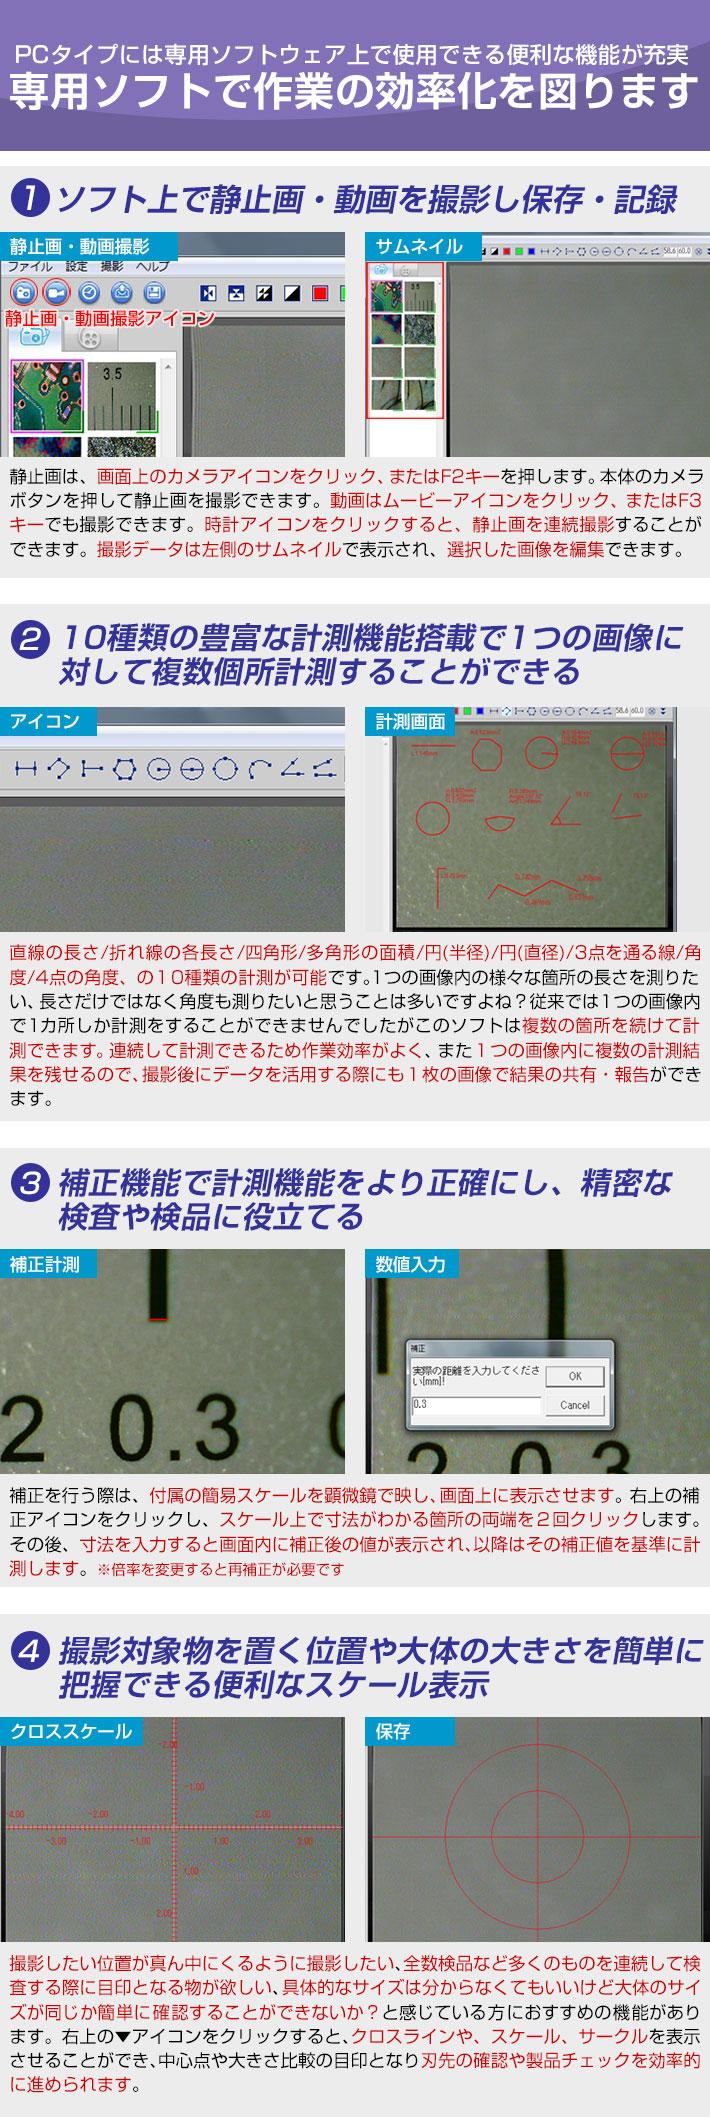 PCタイプには専用ソフトウェア上で使用できる便利な機能が充実